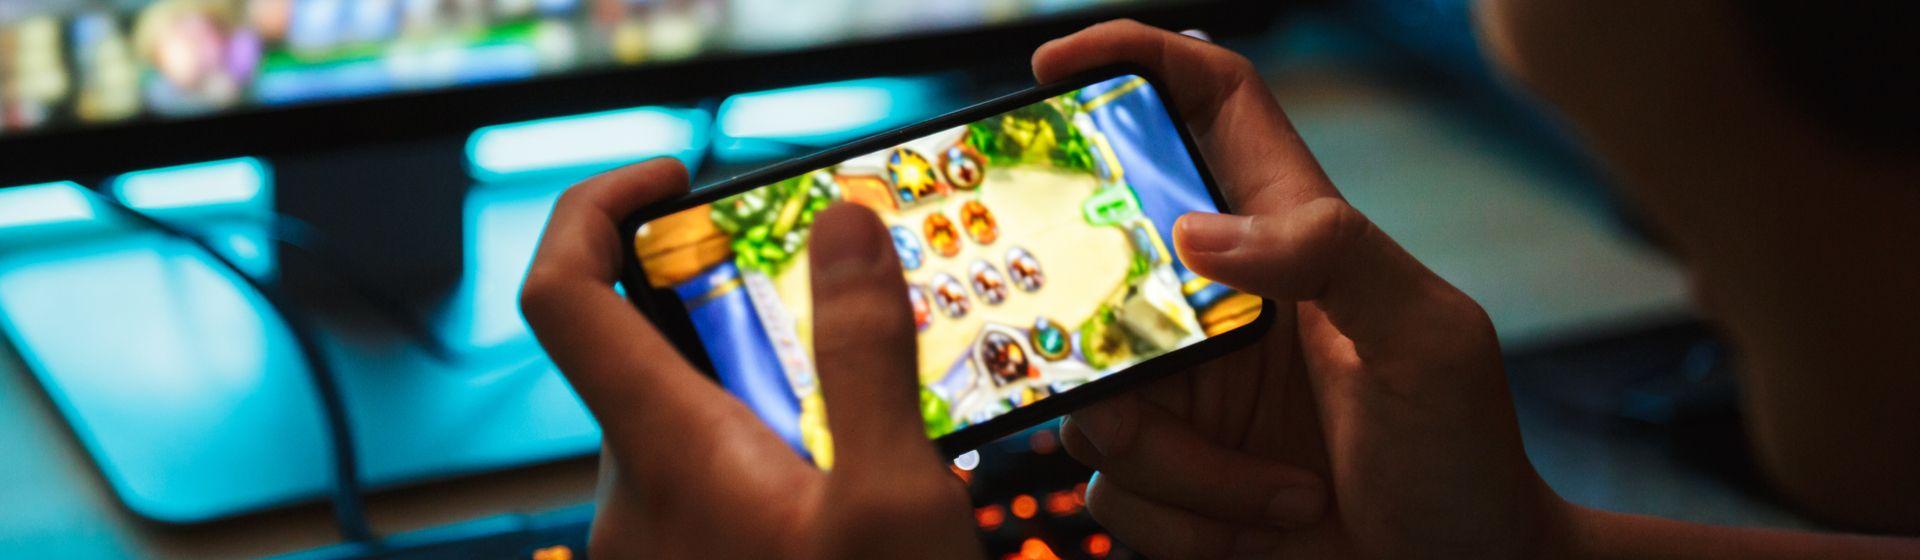 Mulheres são maioria entre gamers no país, aponta Pesquisa Game Brasil